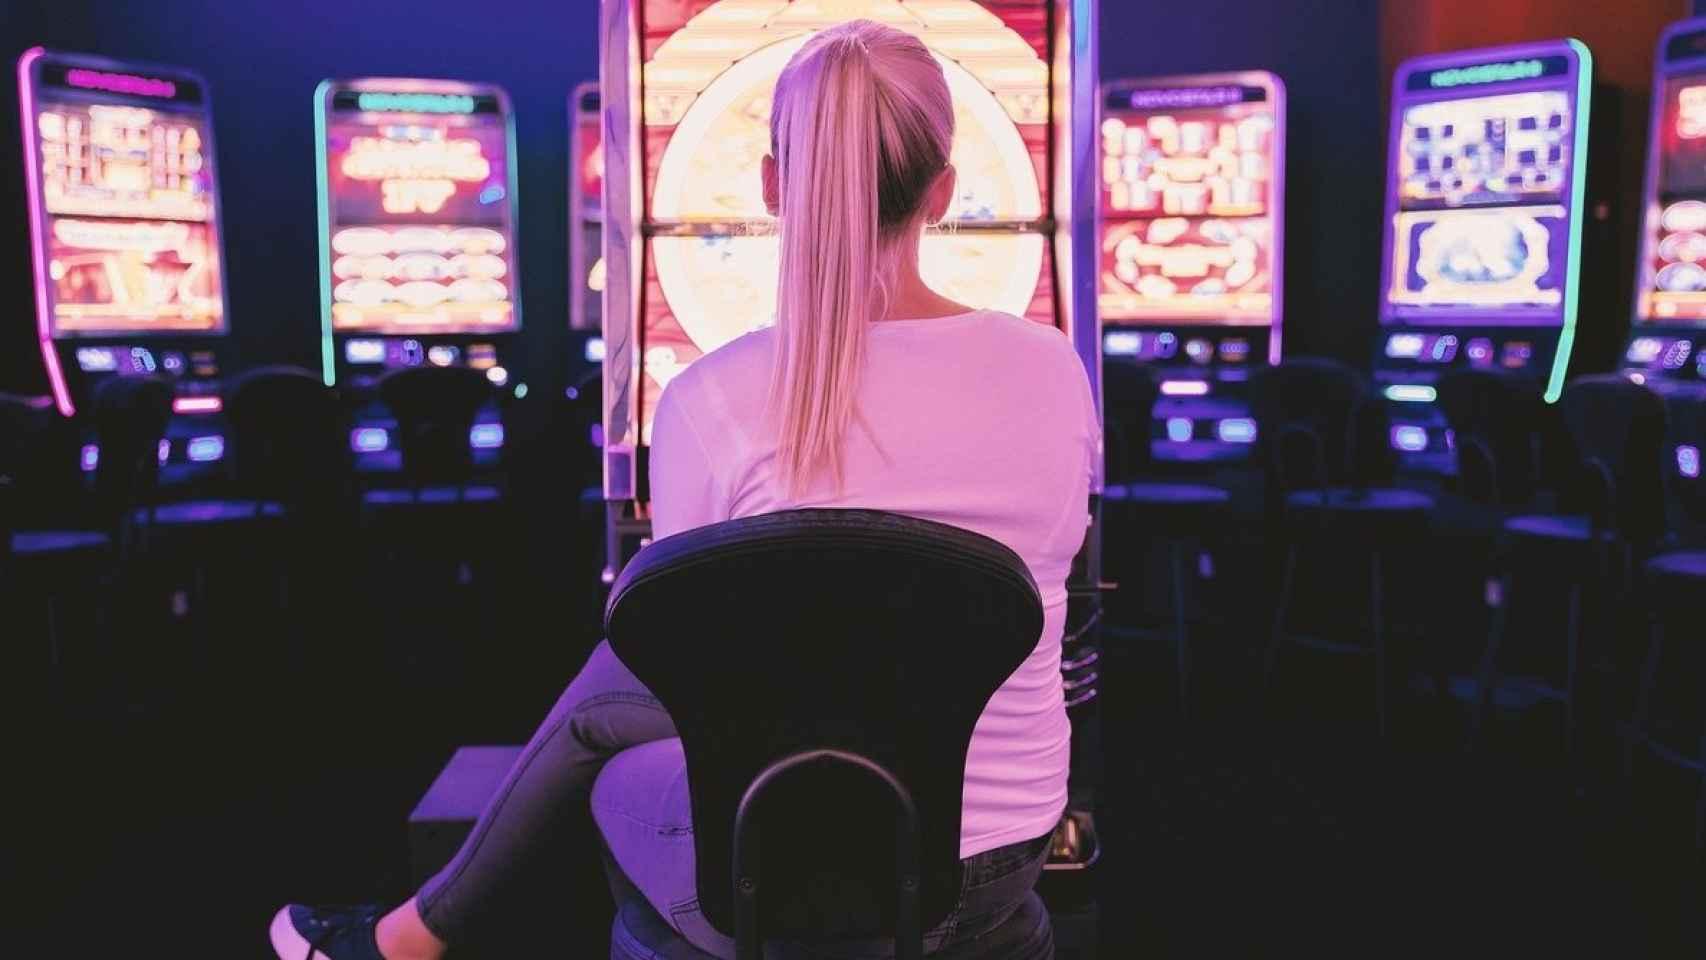 Una mujer en una sala de máquinas tragaperras.